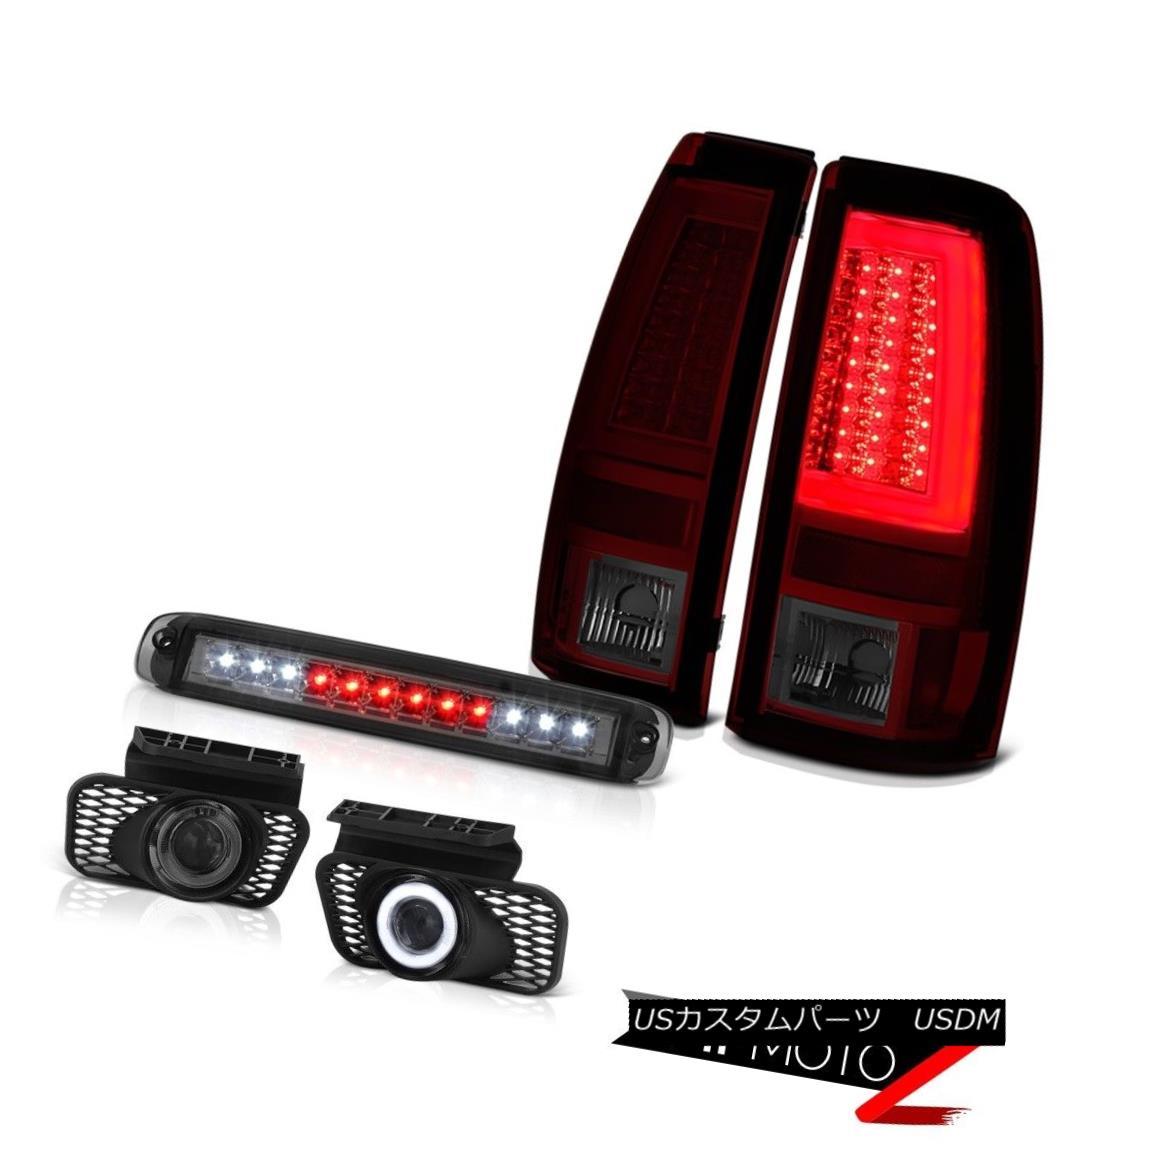 テールライト 03-06 Silverado 3500Hd Tail Brake Lights Smokey 3RD Light Foglamps Tron Style 03-06 Silverado 3500Hdテール・ブレーキ・ライトSmoke 3RDライト・フォグ・ランプトロン・スタイル